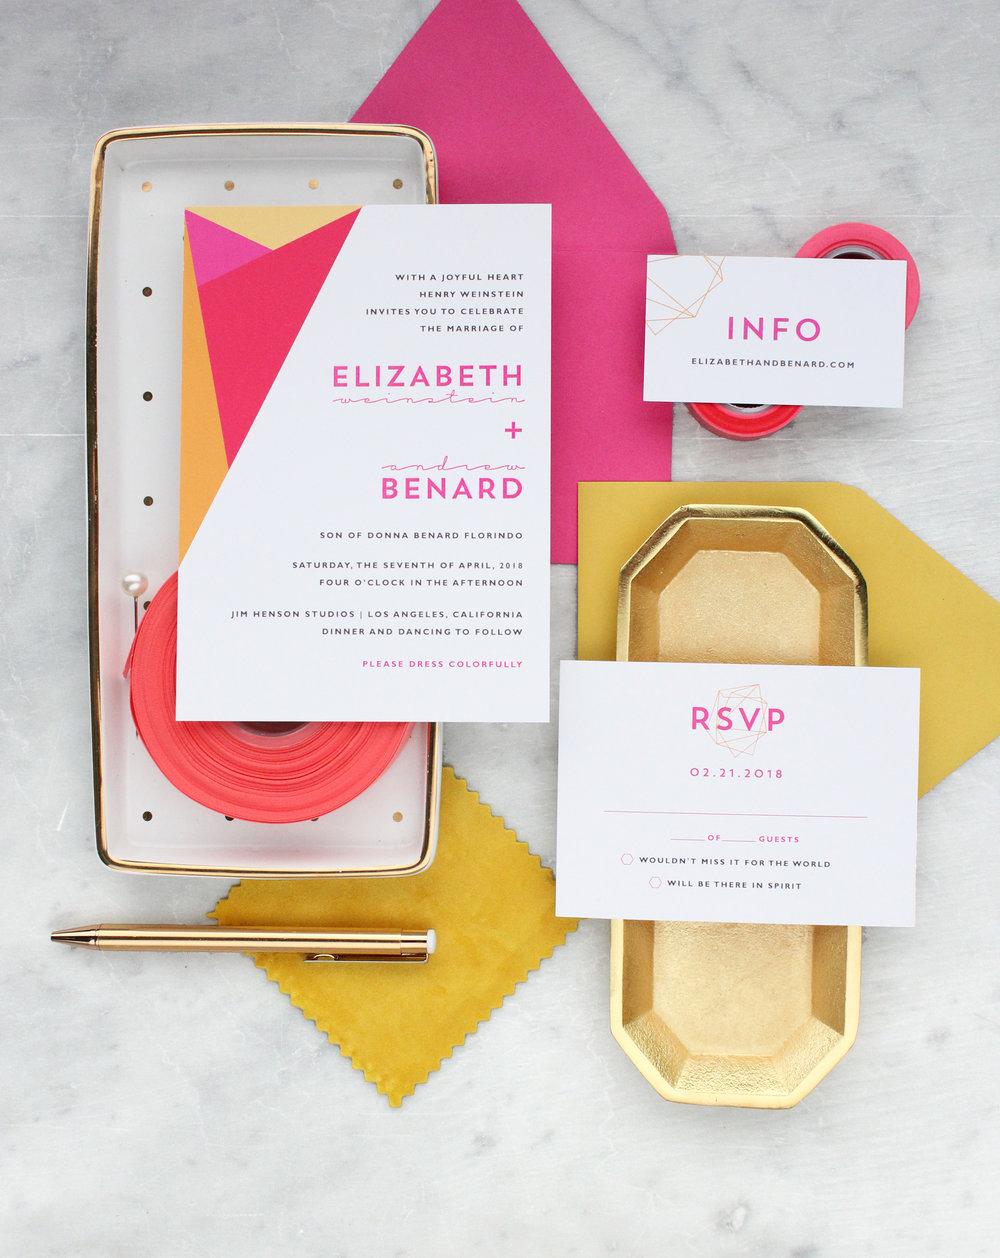 Elizabeth+Benard_3x.jpg